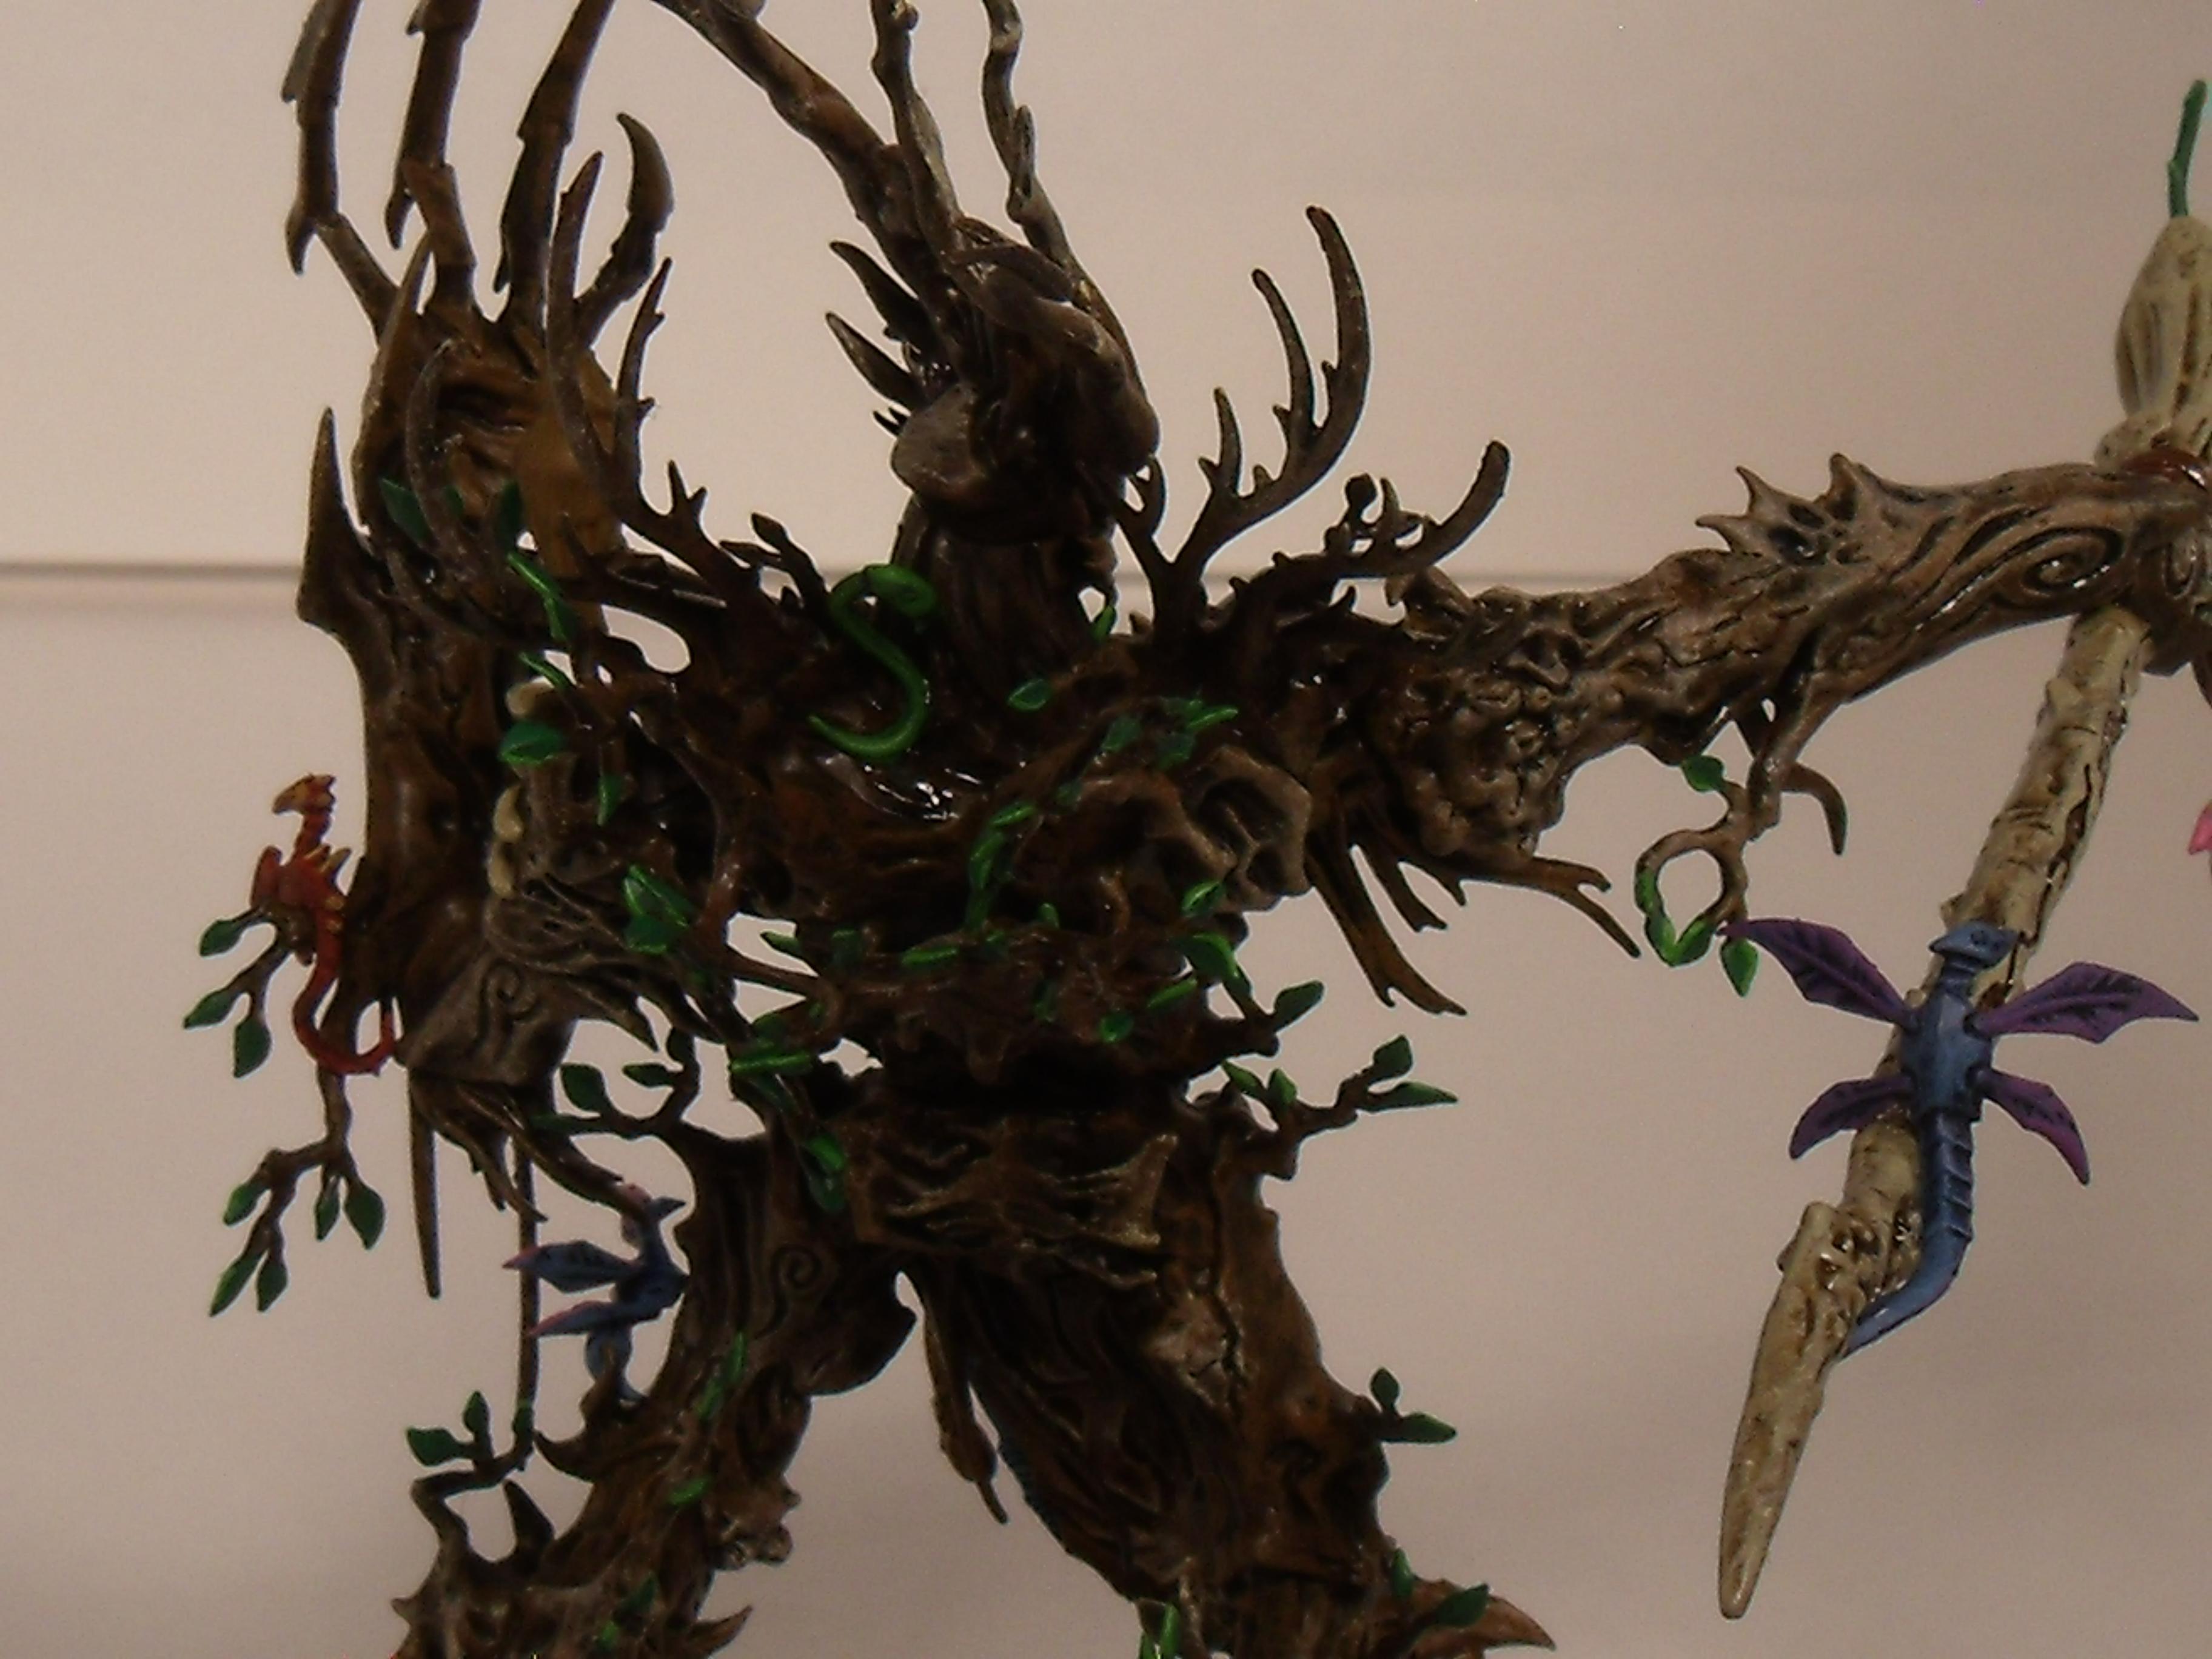 Ancient, Bugs, Elves, Ent, Staff, Treeman, Trees, Wood